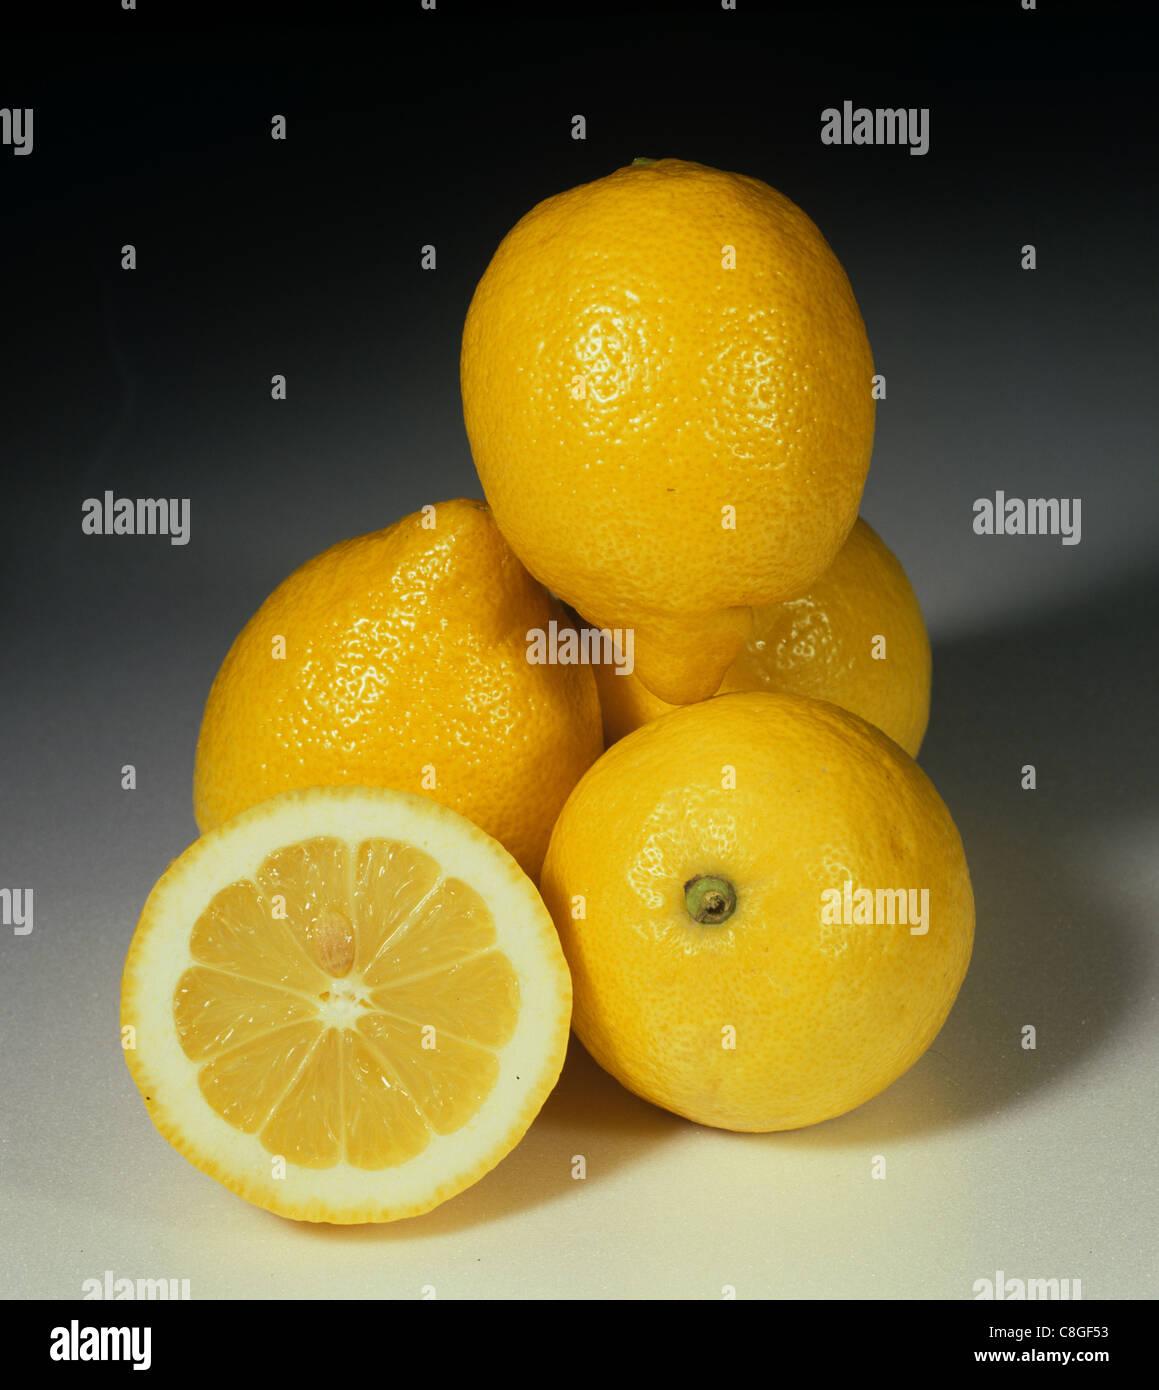 Tutta la sezione e gruppo di agrumi varietà di limone fino Immagini Stock